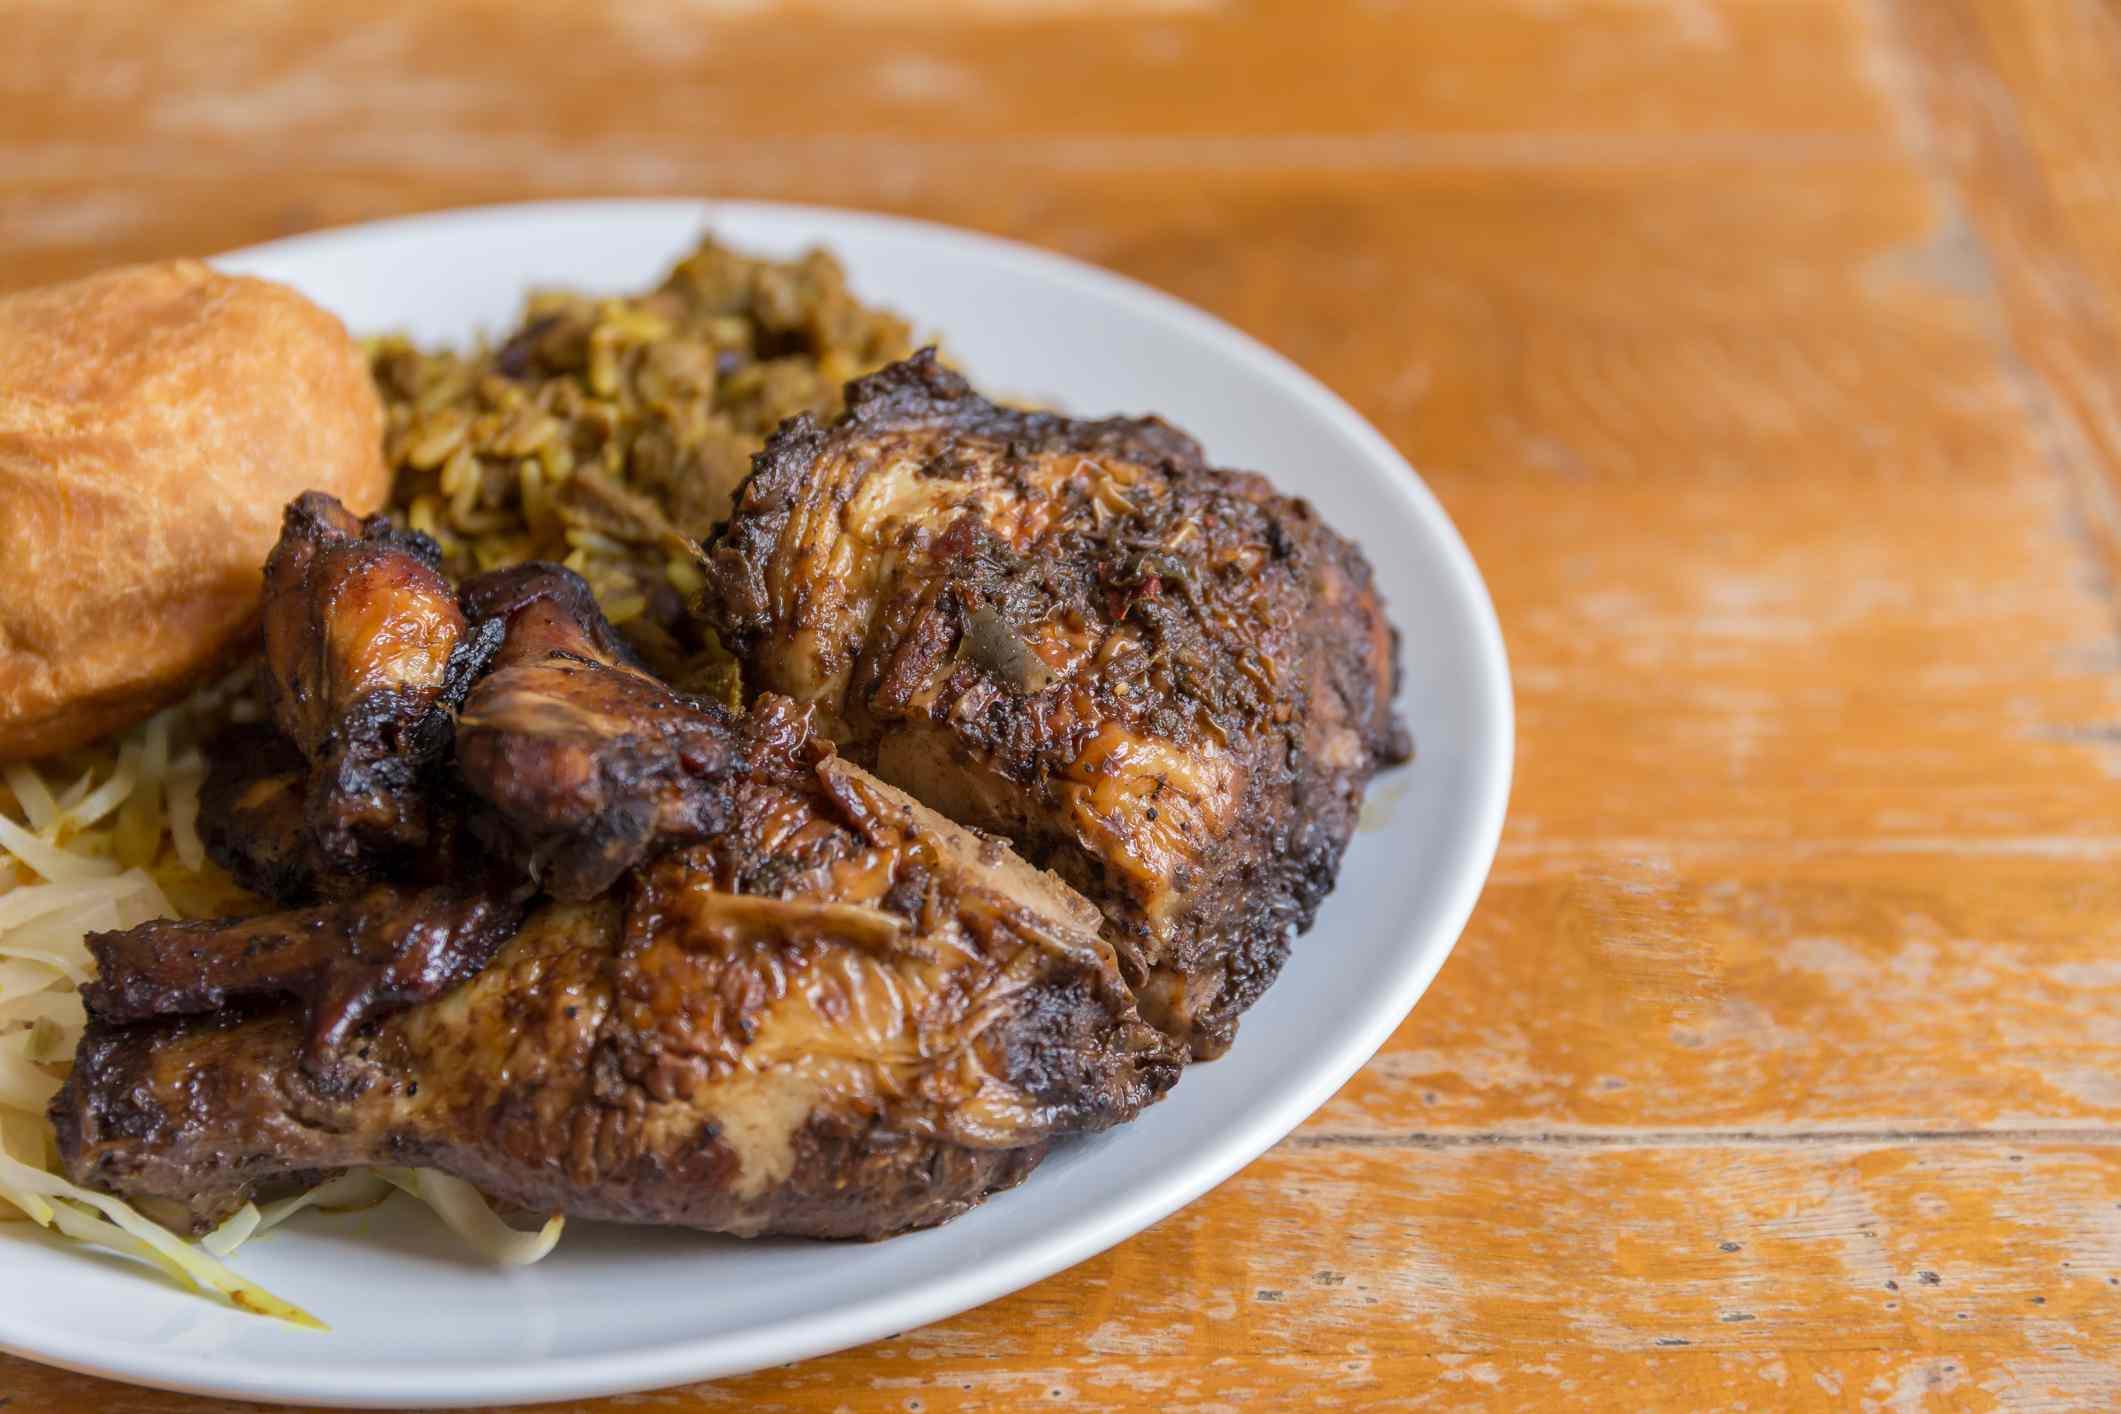 Jerk chicken alongside curry goat and fried dumpling